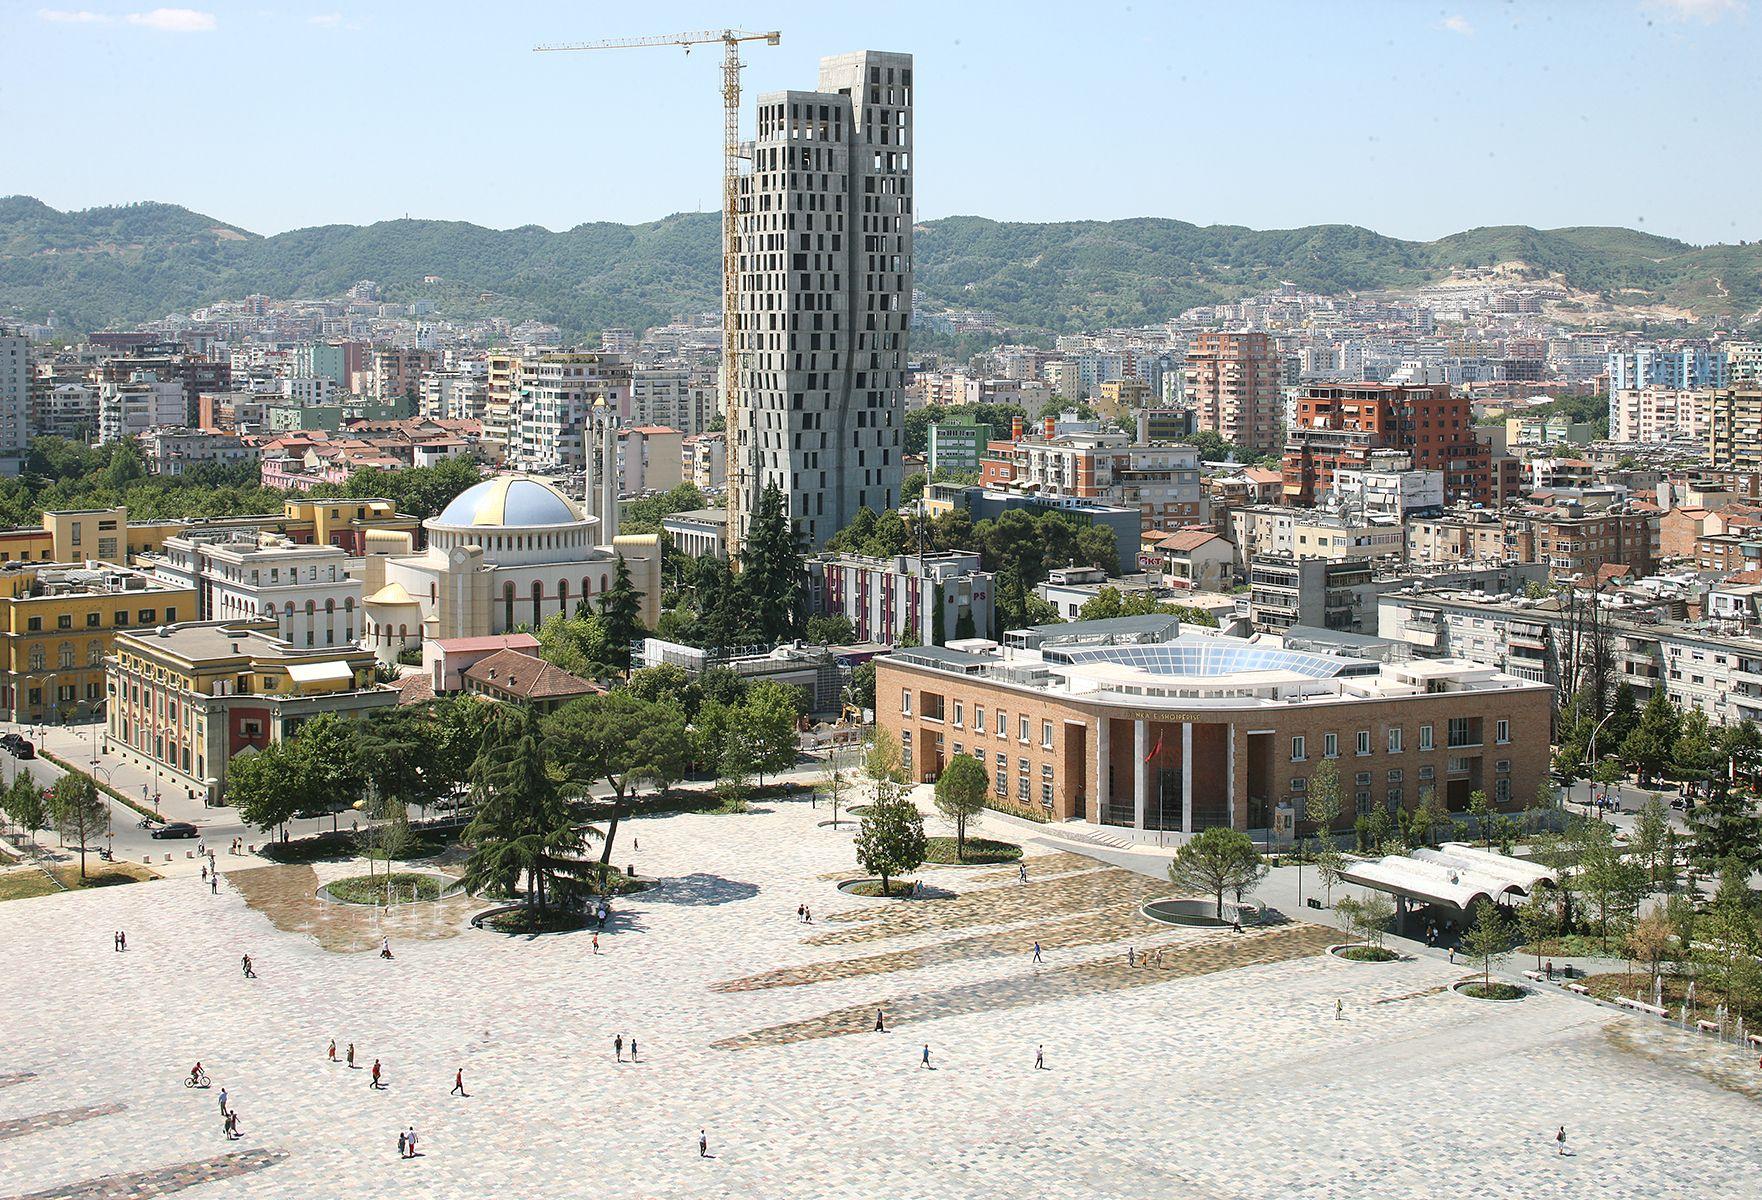 adb4e6ed9 Premios Publicspace: Los 6 mejores espacios públicos de Europa